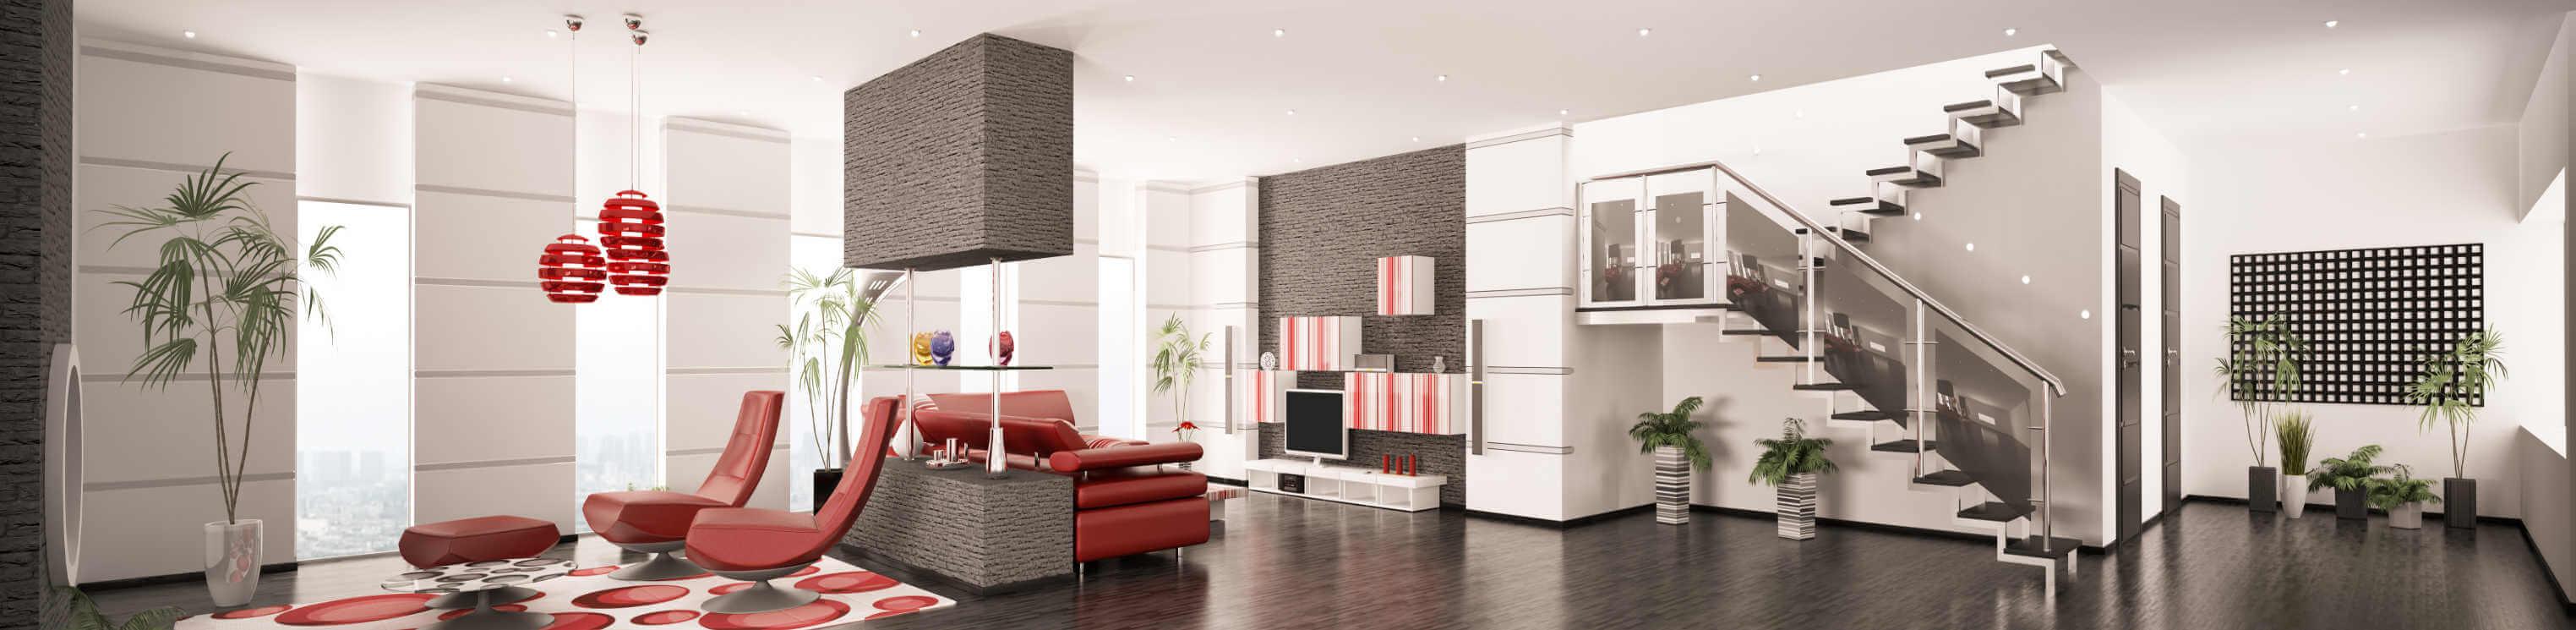 Zipf und Partner Immobilien GmbH Haus Kauf Haus kaufen